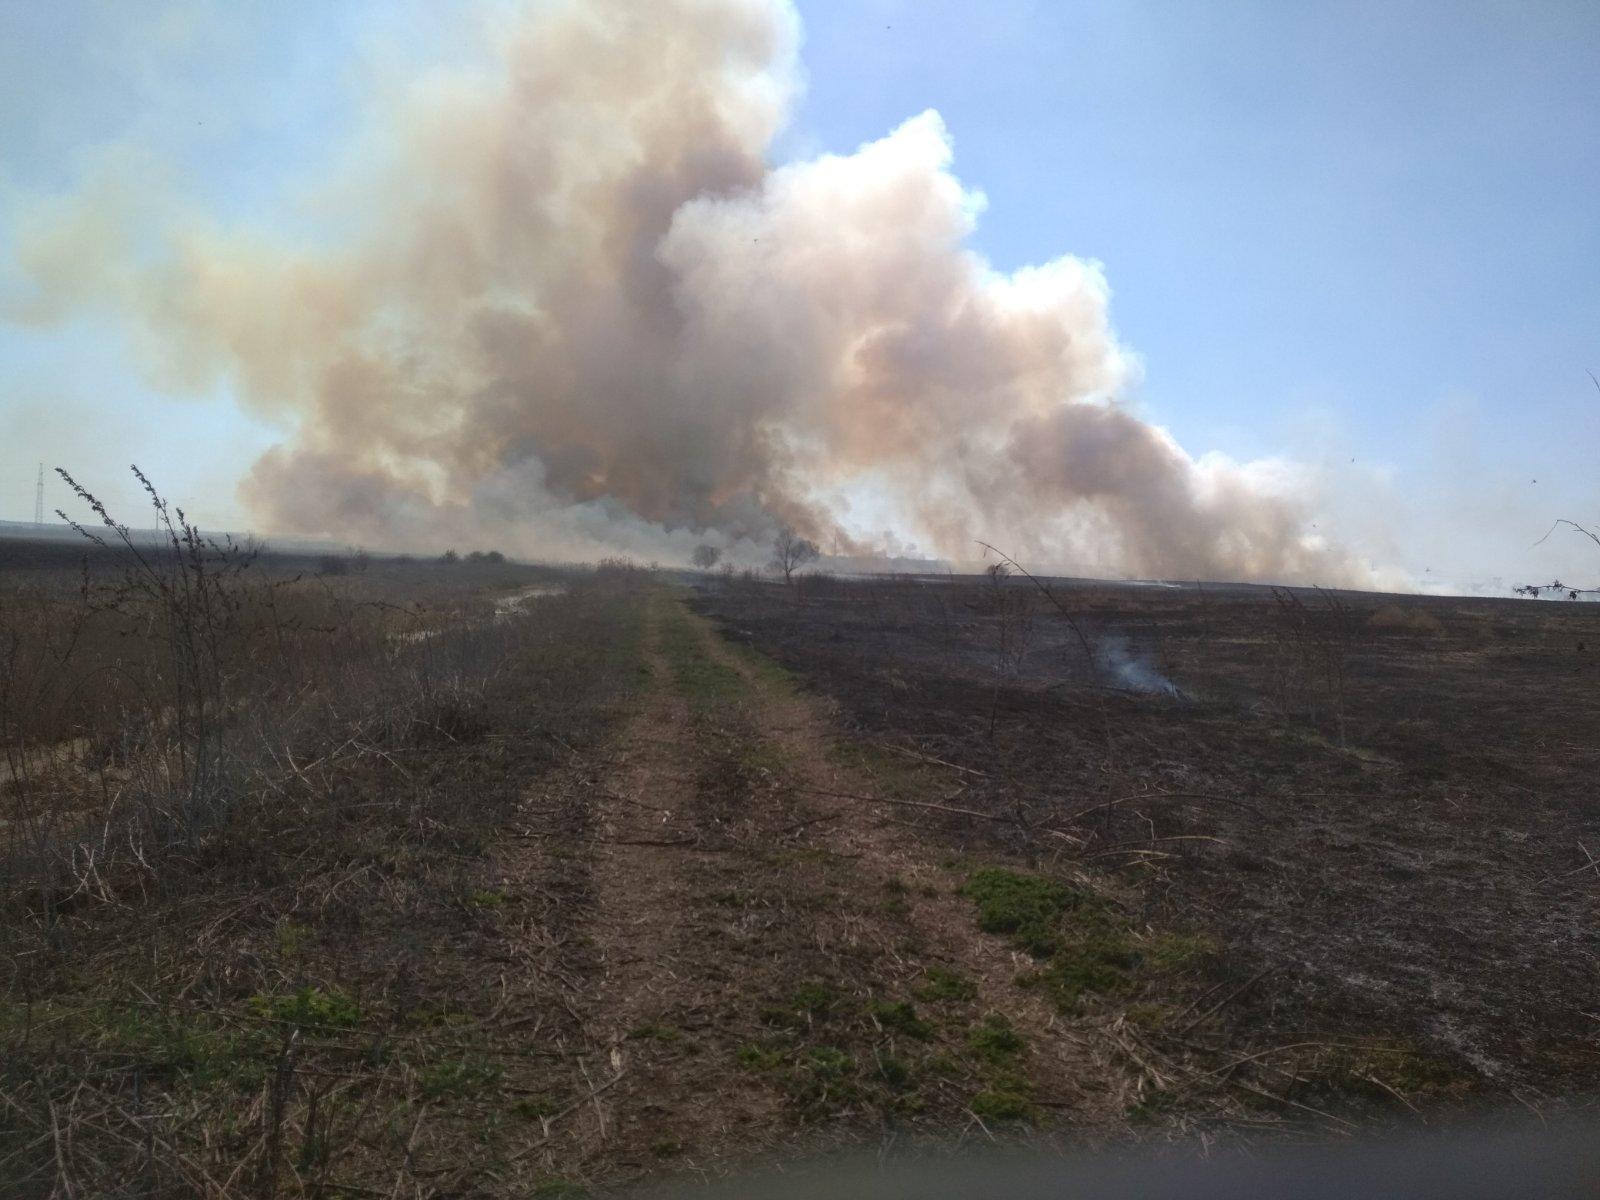 На Броварщині рятувальники борються з пожежами в екосистемах -  - yzobrazhenye viber 2020 04 09 20 51 04 1